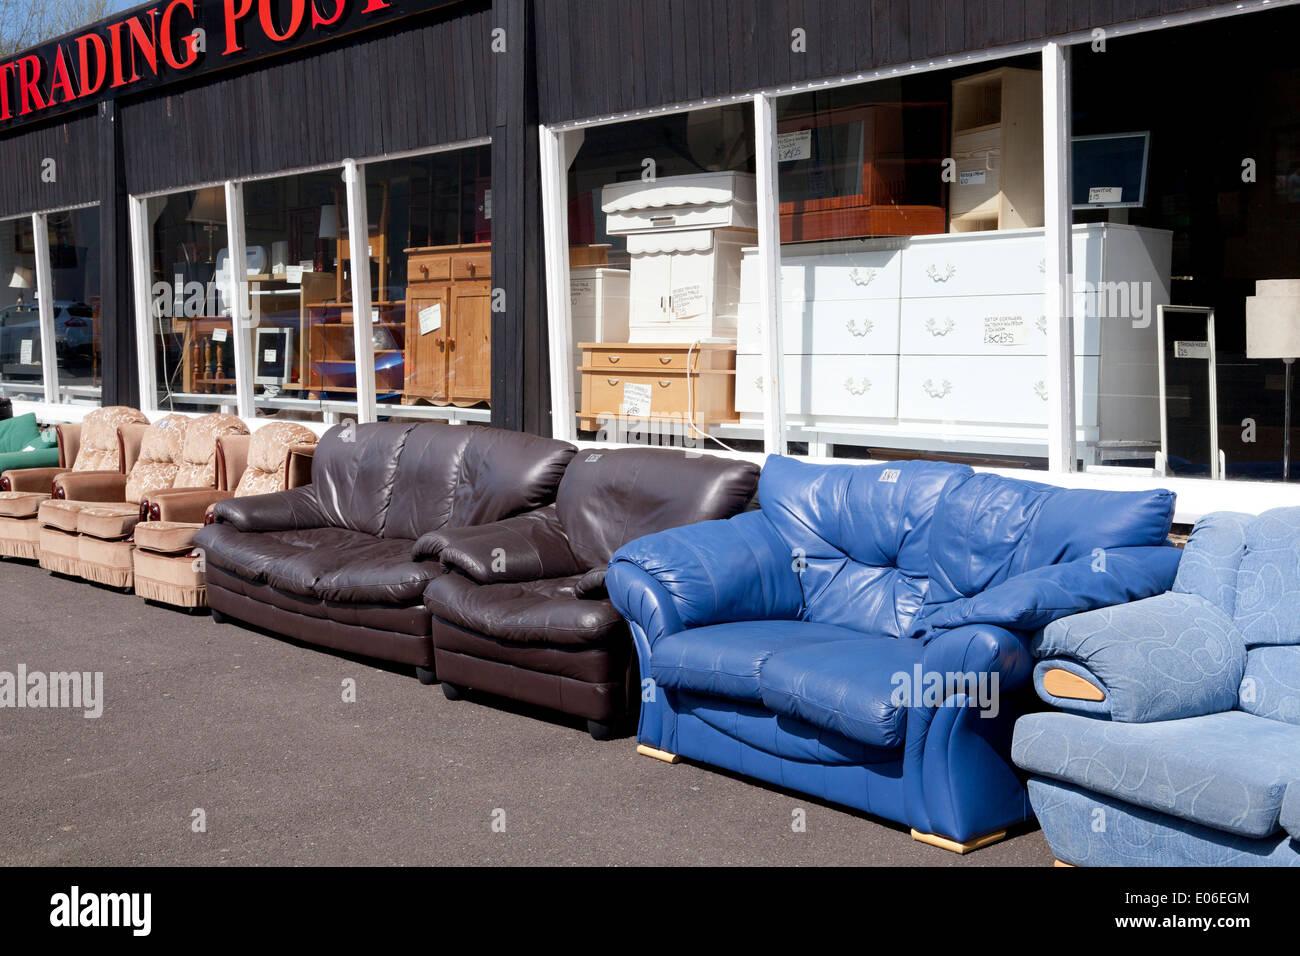 Gebrauchte Sofas Fur Den Verkauf Ausserhalb Der Handelsposten